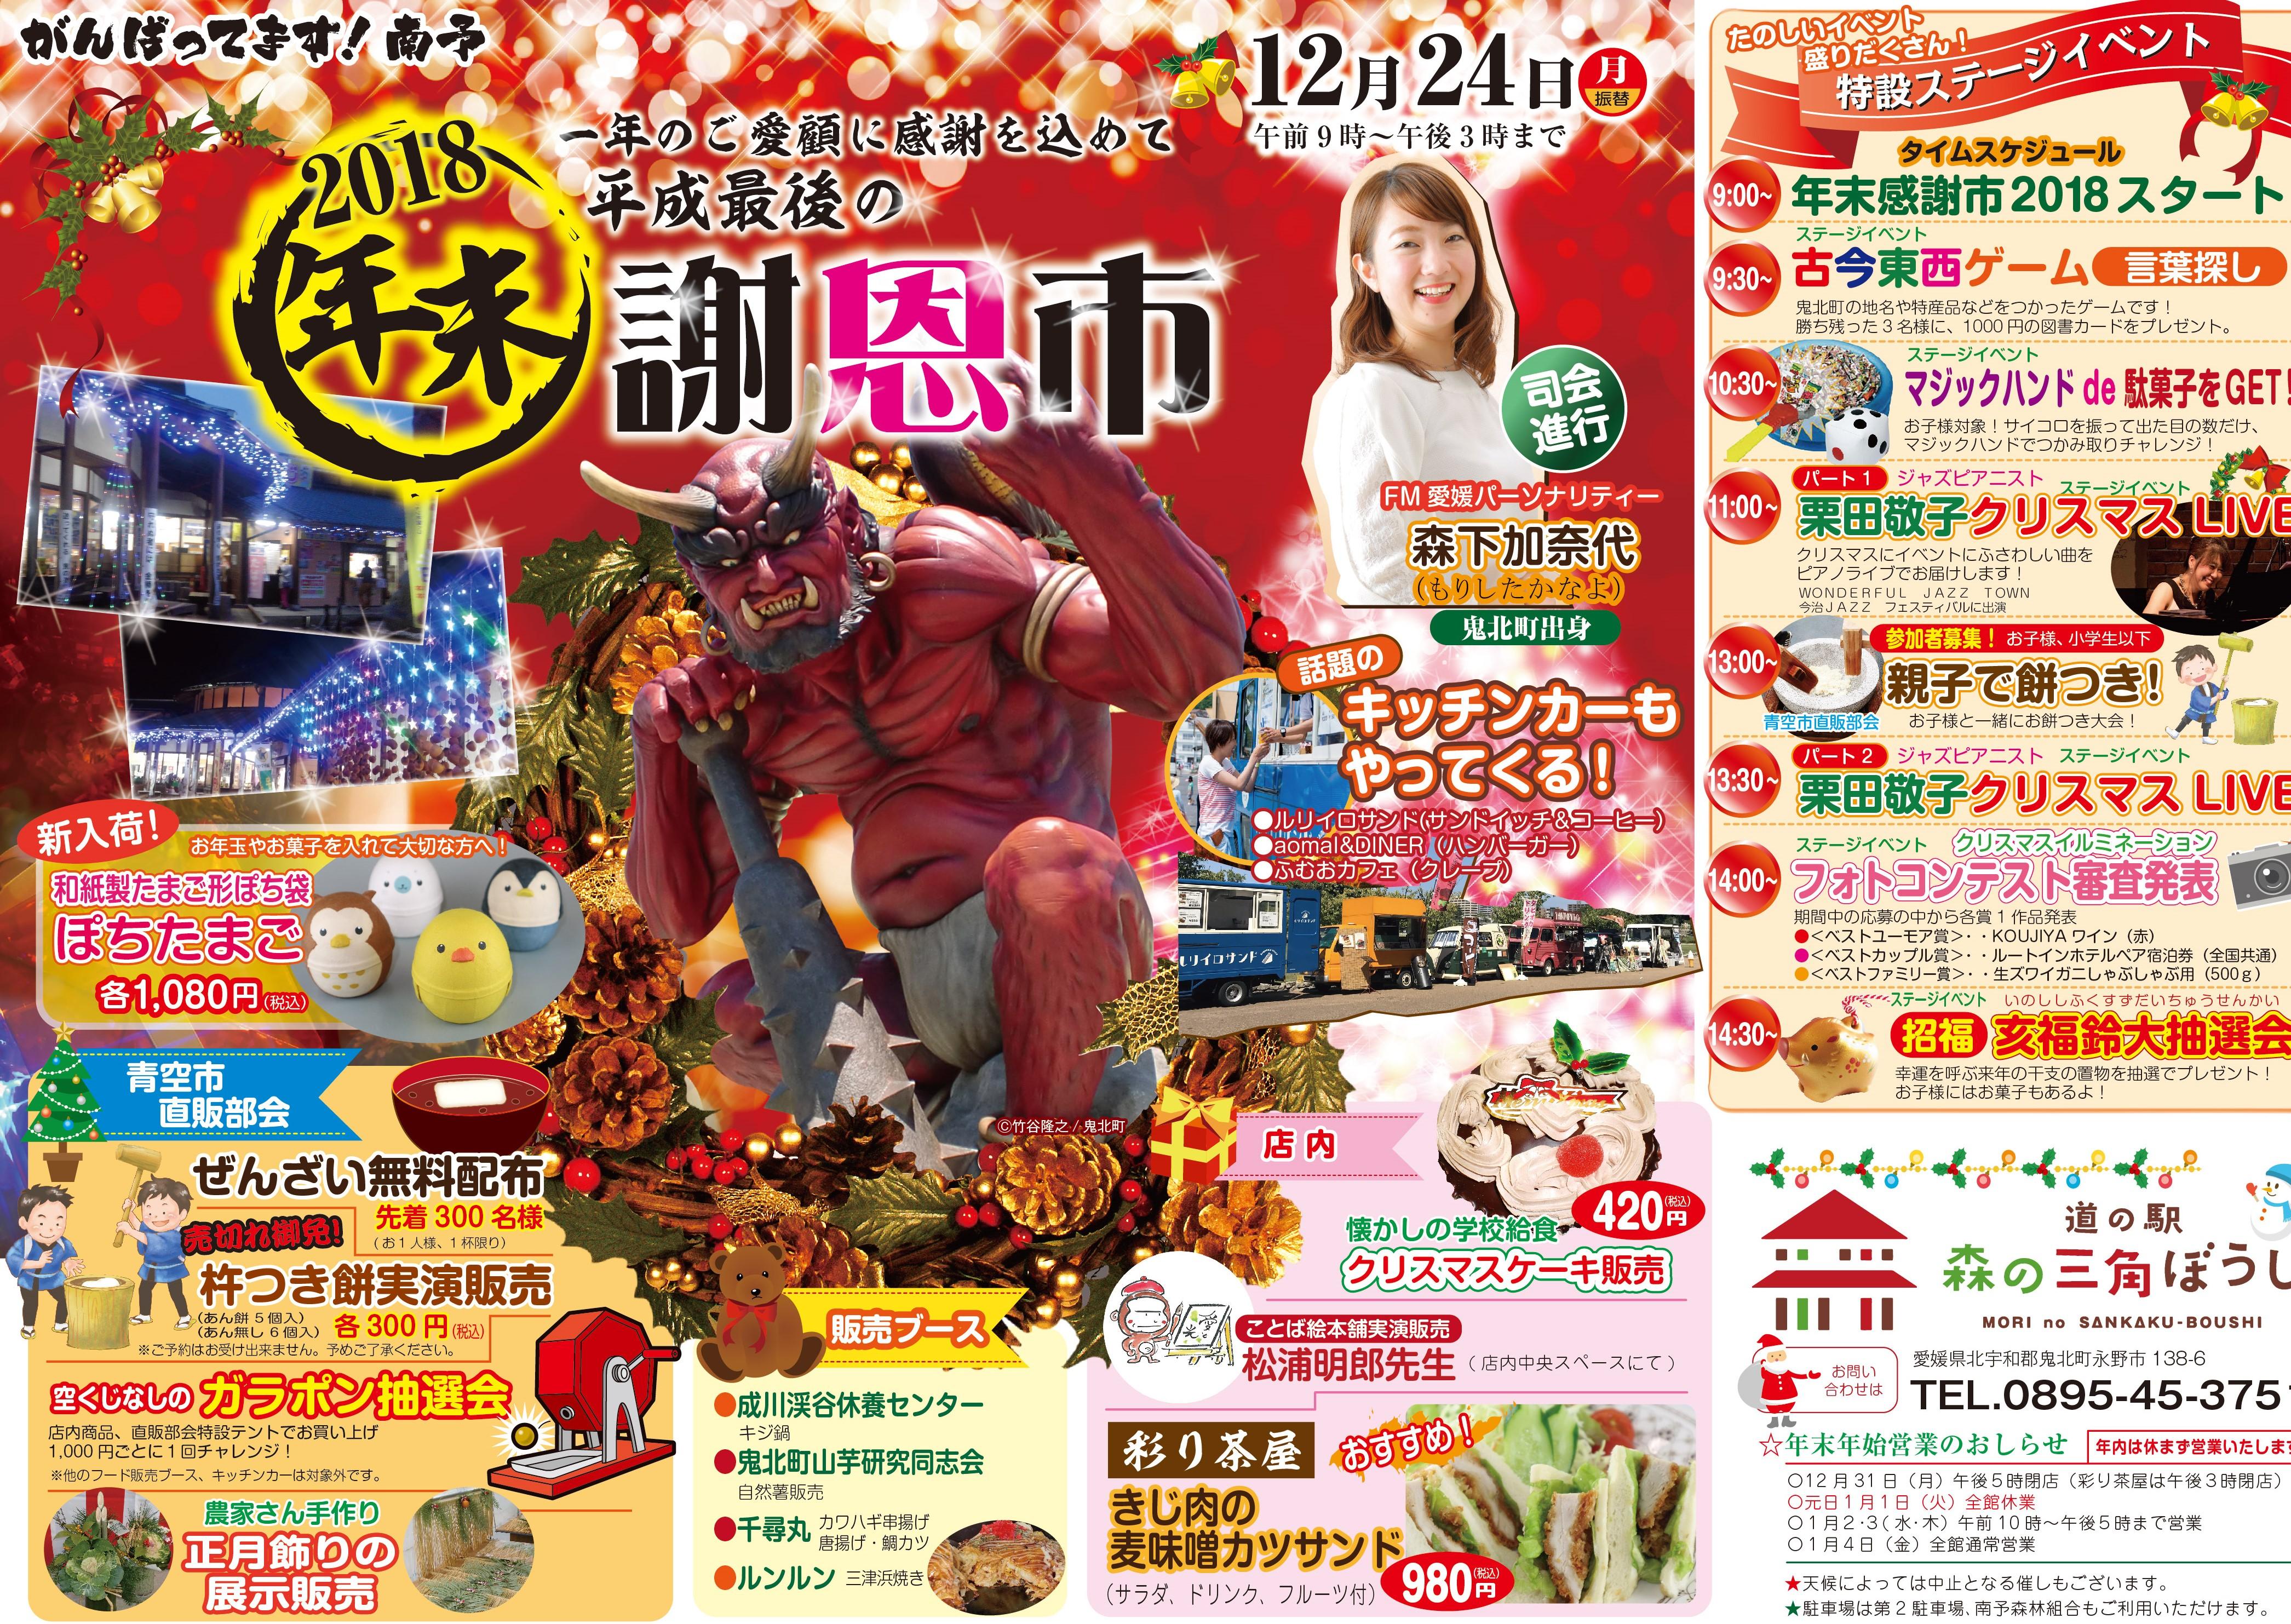 ■2018.年末謝恩祭.jpg